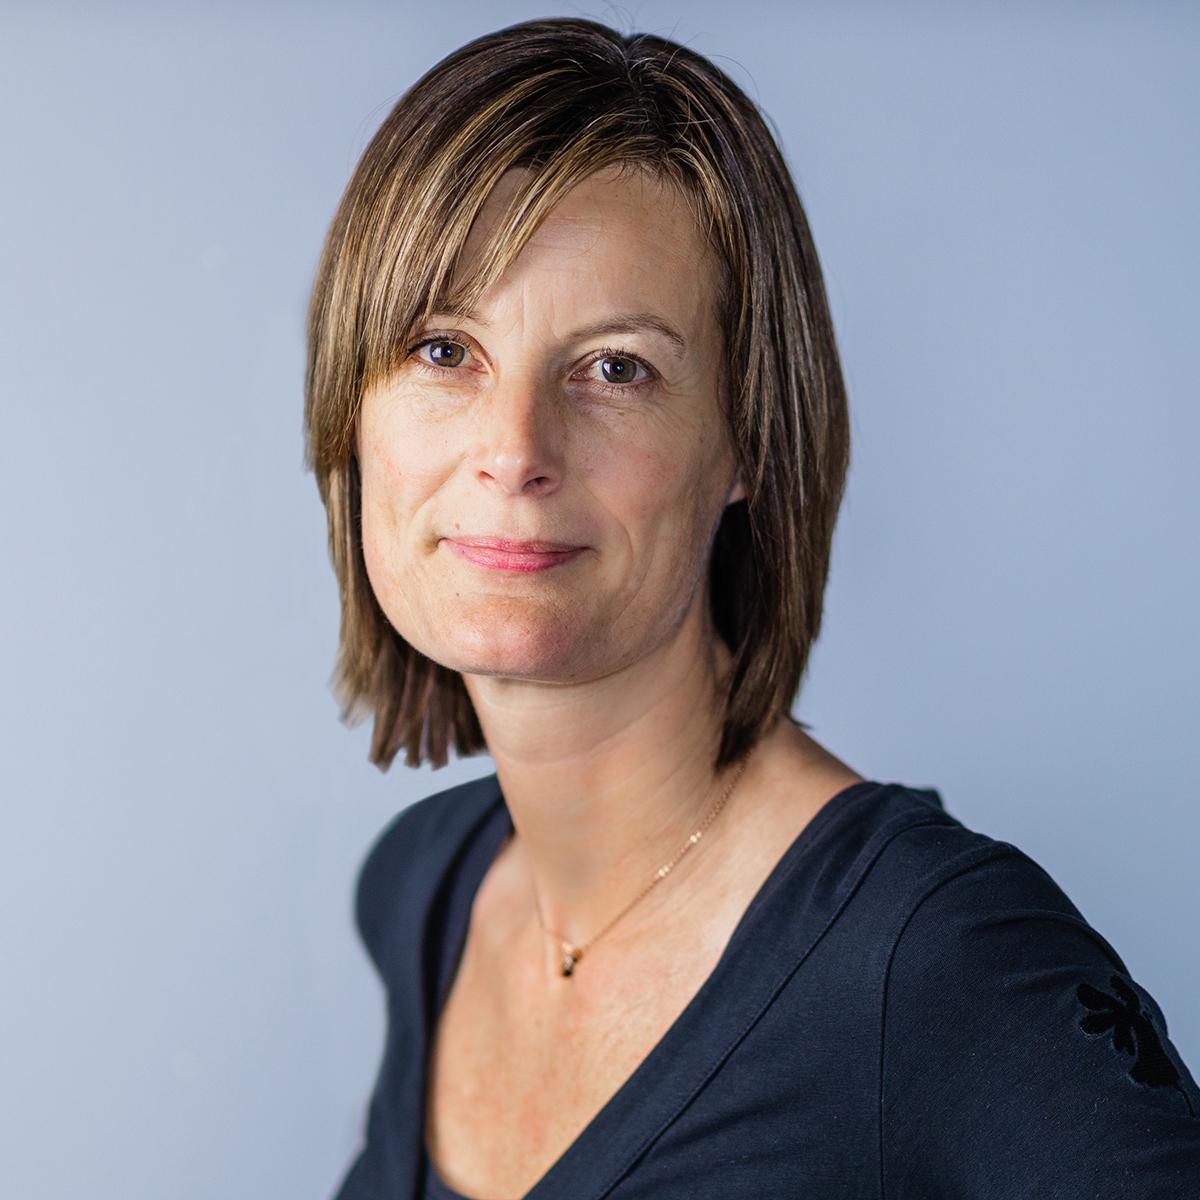 Ingela Pihl-Kommunikatör